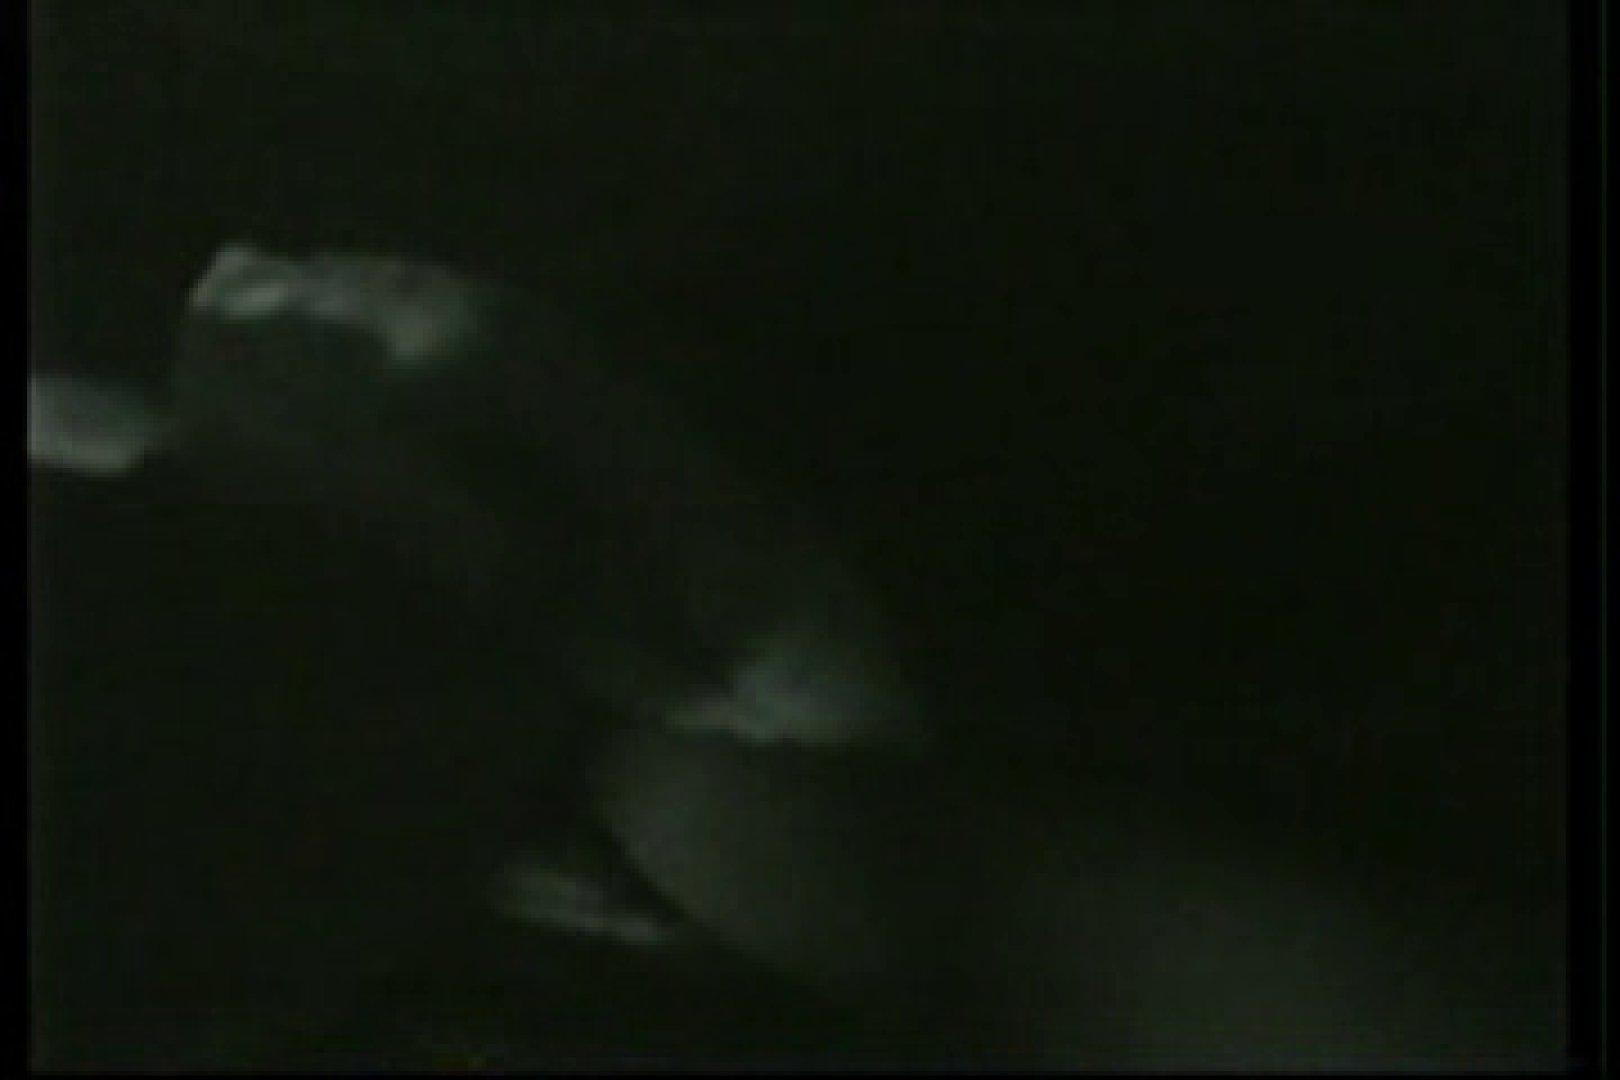 【実録個人撮影】男の子達の禁断の愛欲性活!!vol.02(対女性アナル責め) 縛・テクニック | 男まつり ゲイAV画像 105枚 35